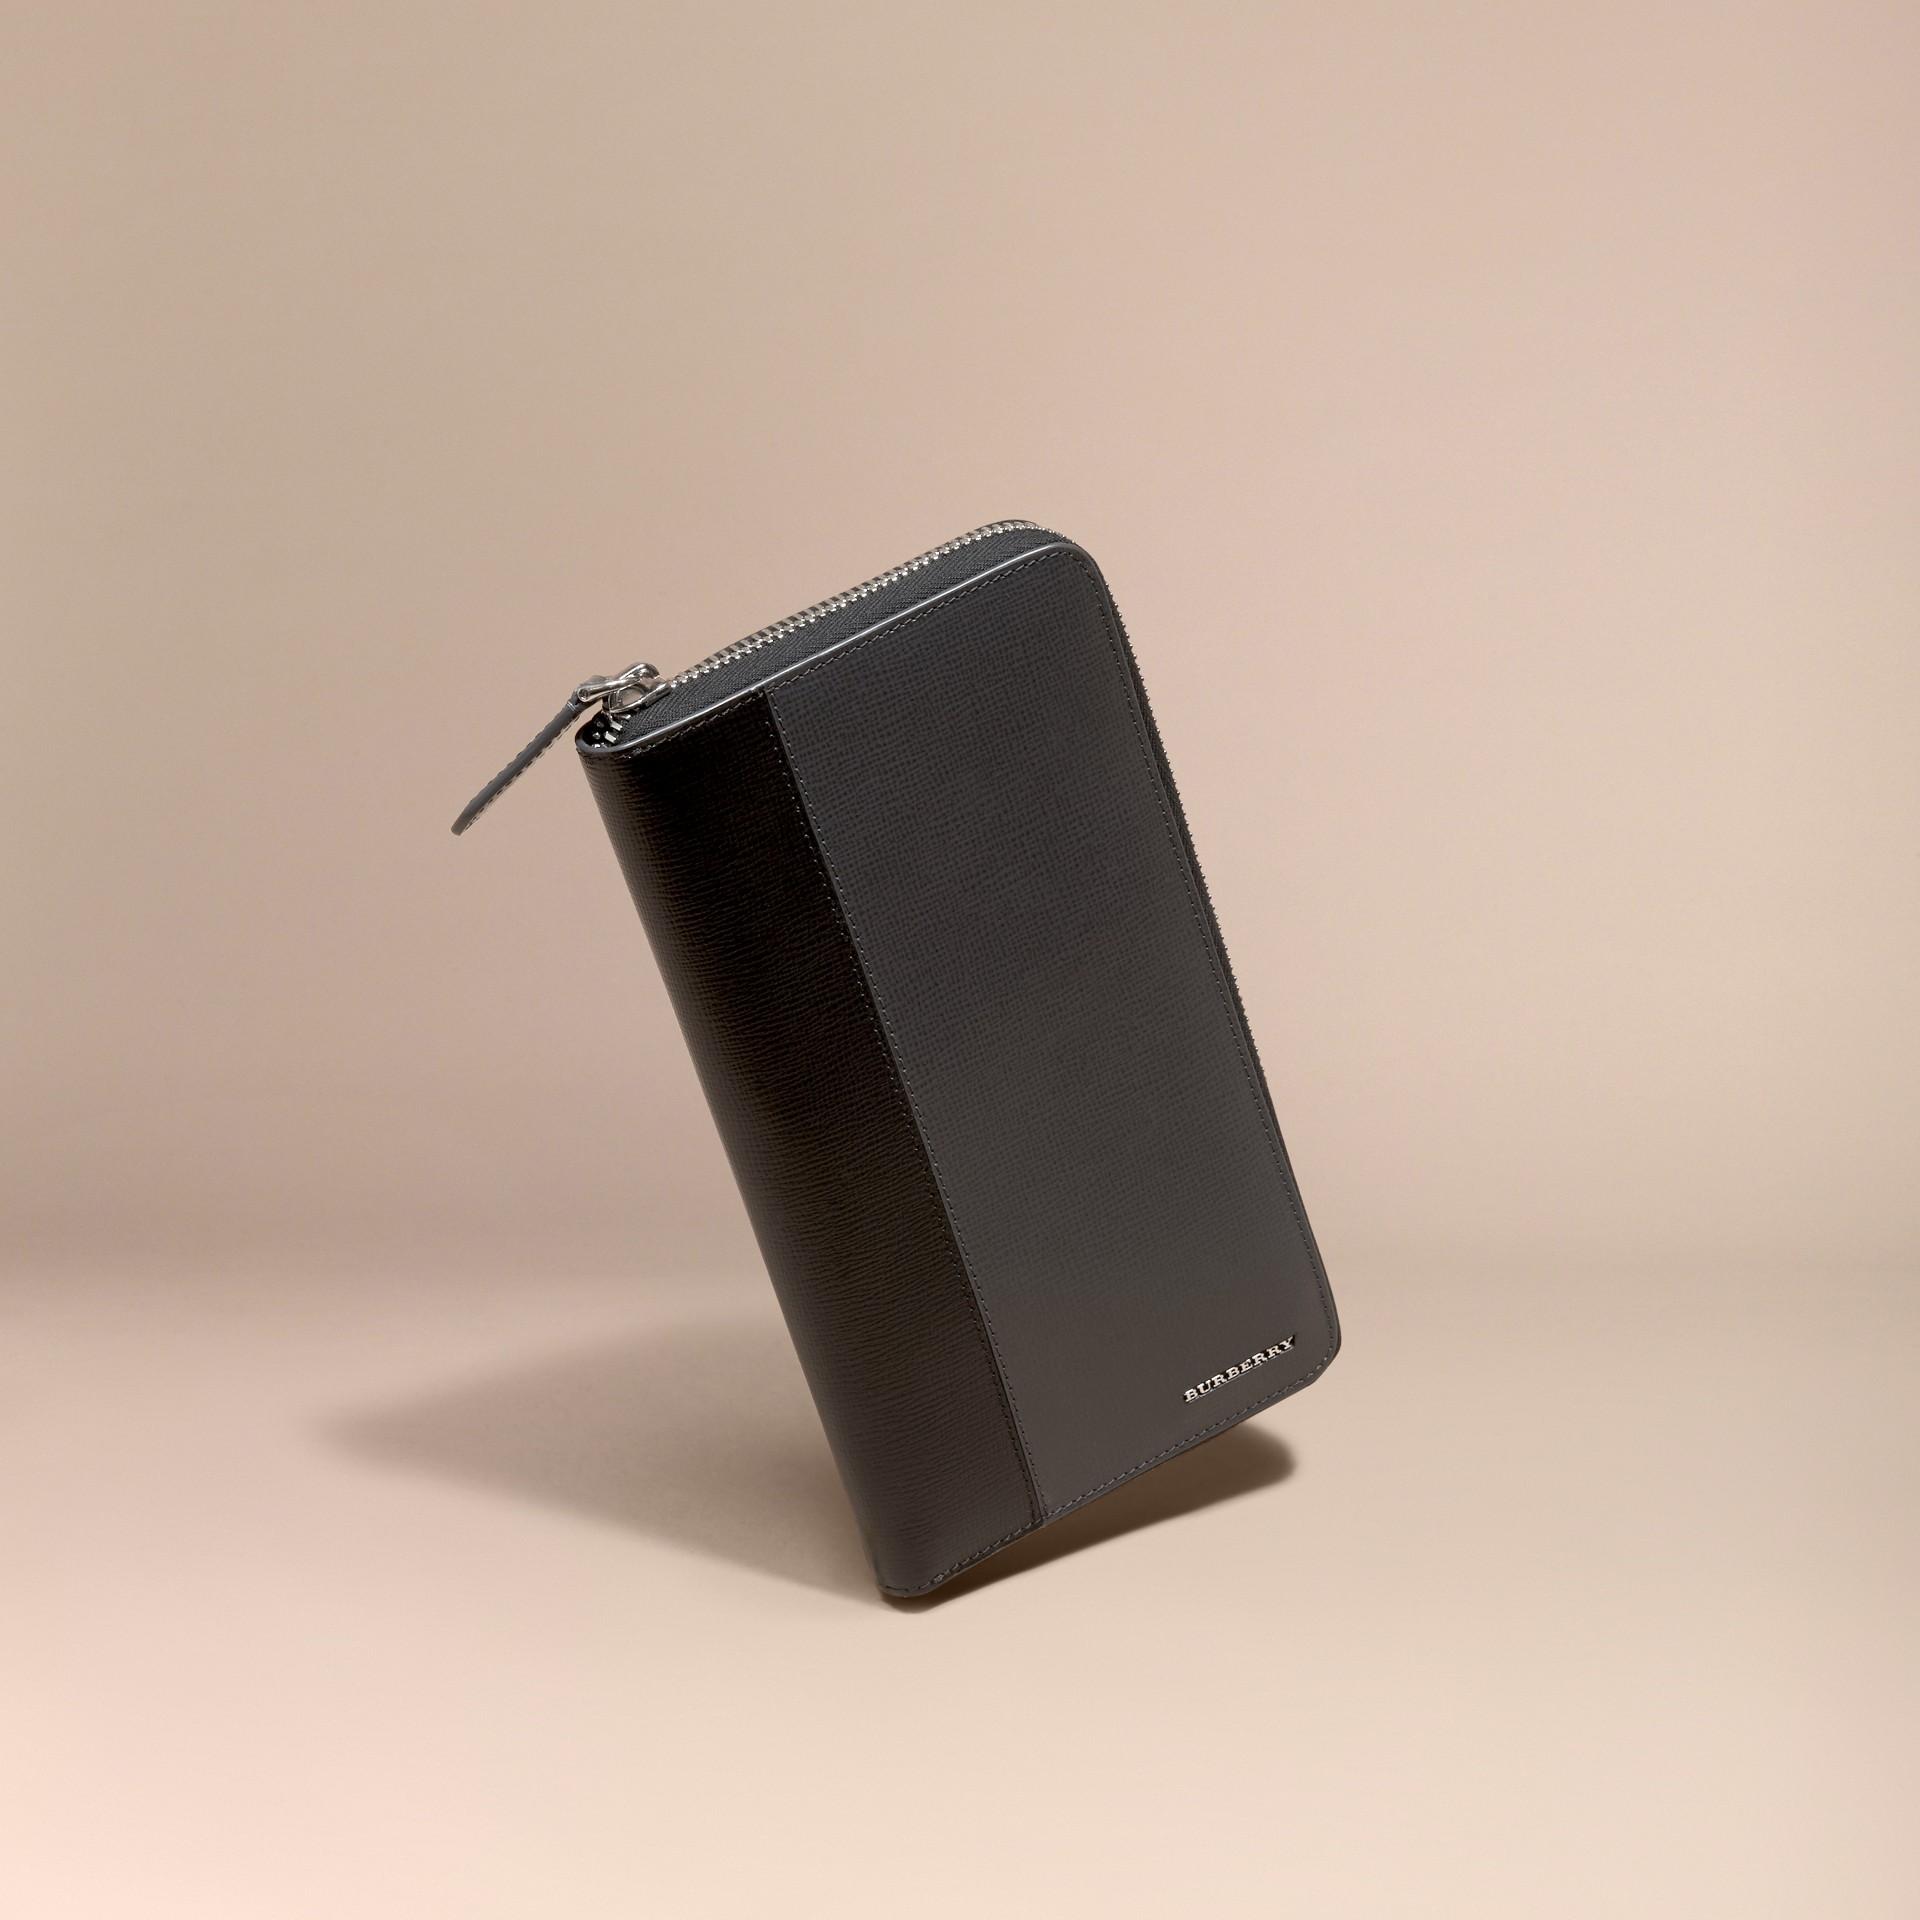 炭灰色/黑色 拼色 London 皮革環繞式拉鍊皮夾 炭灰色/黑色 - 圖庫照片 1